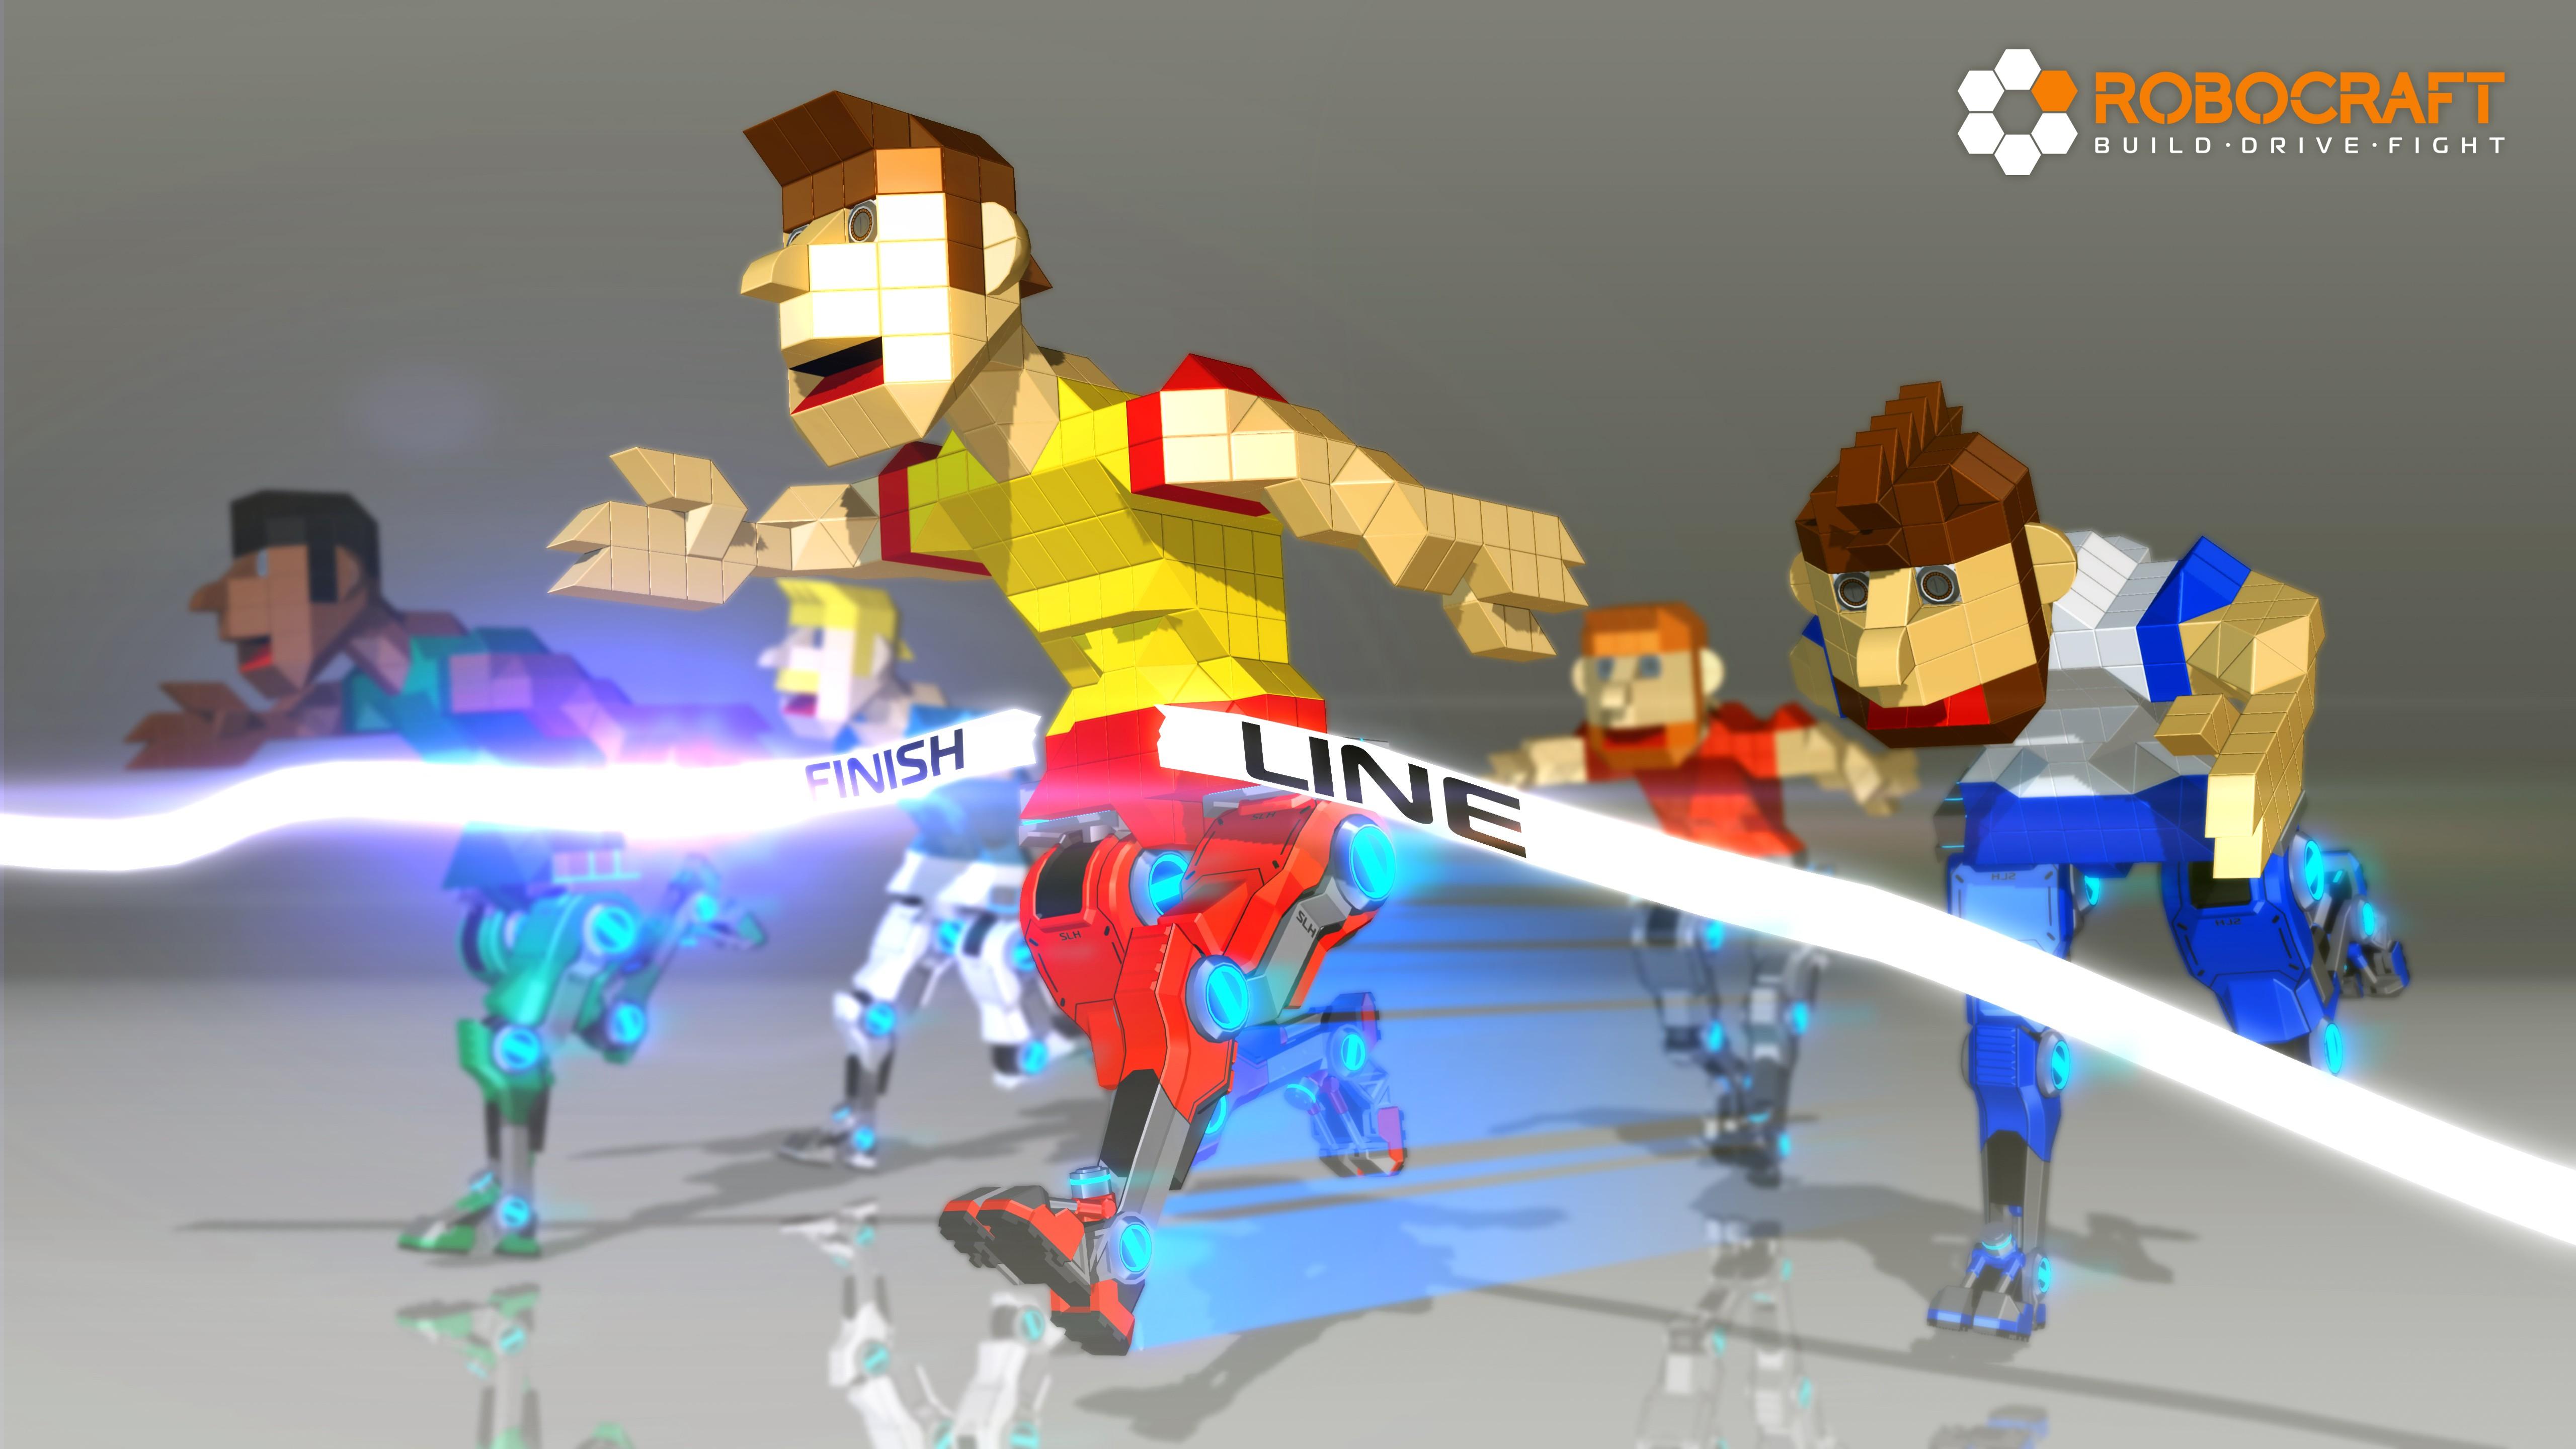 Robocraft Runner Wallpaper Alienware Arena 5120x2880